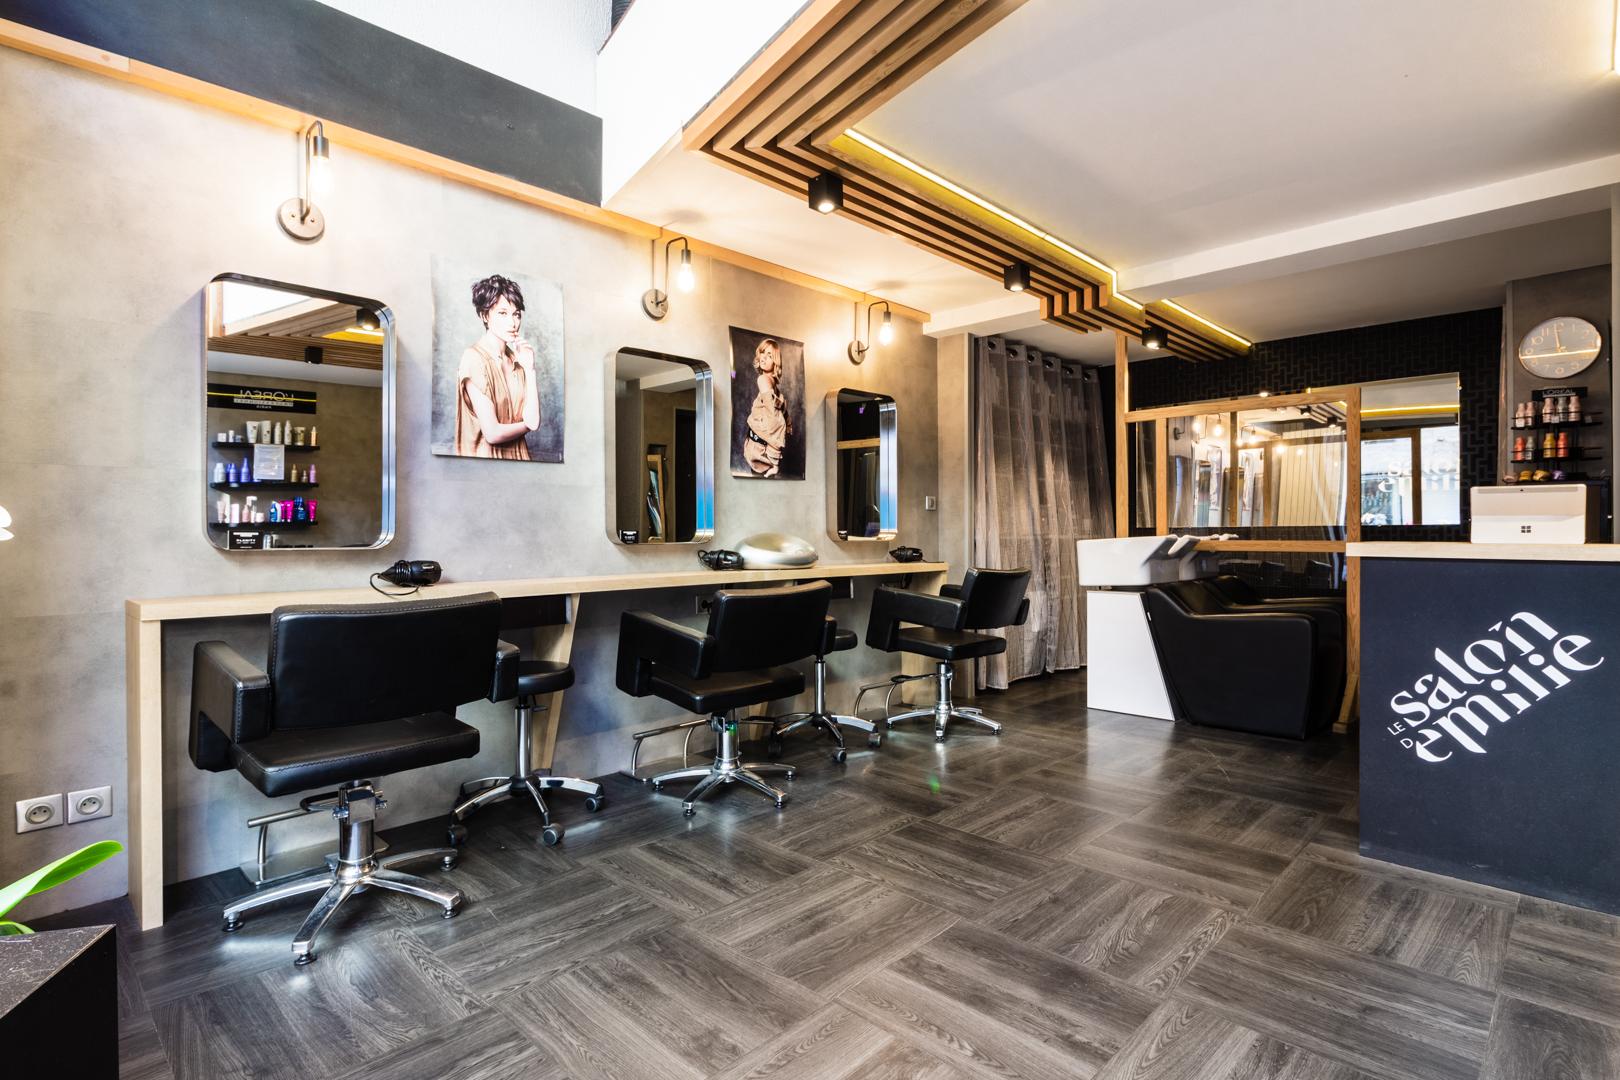 photographie-d-interieur-salon-coiffure-bagnères-de-luchon-décoration